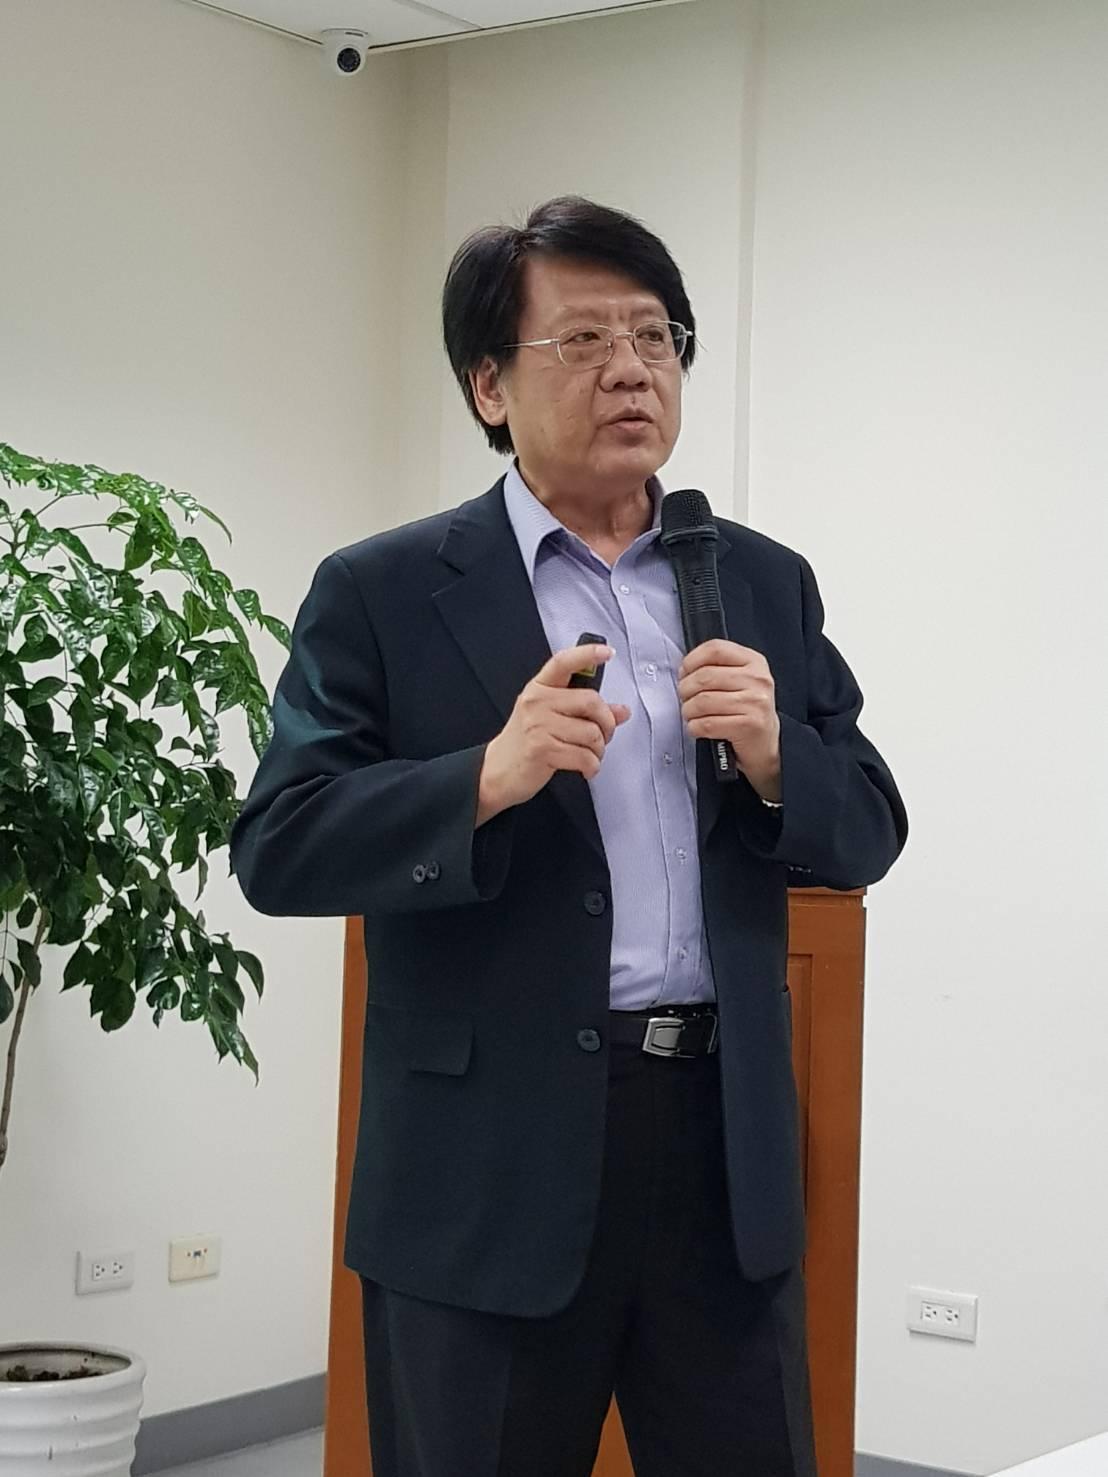 環保署空保處長蔡鴻德。記者彭宣雅/攝影